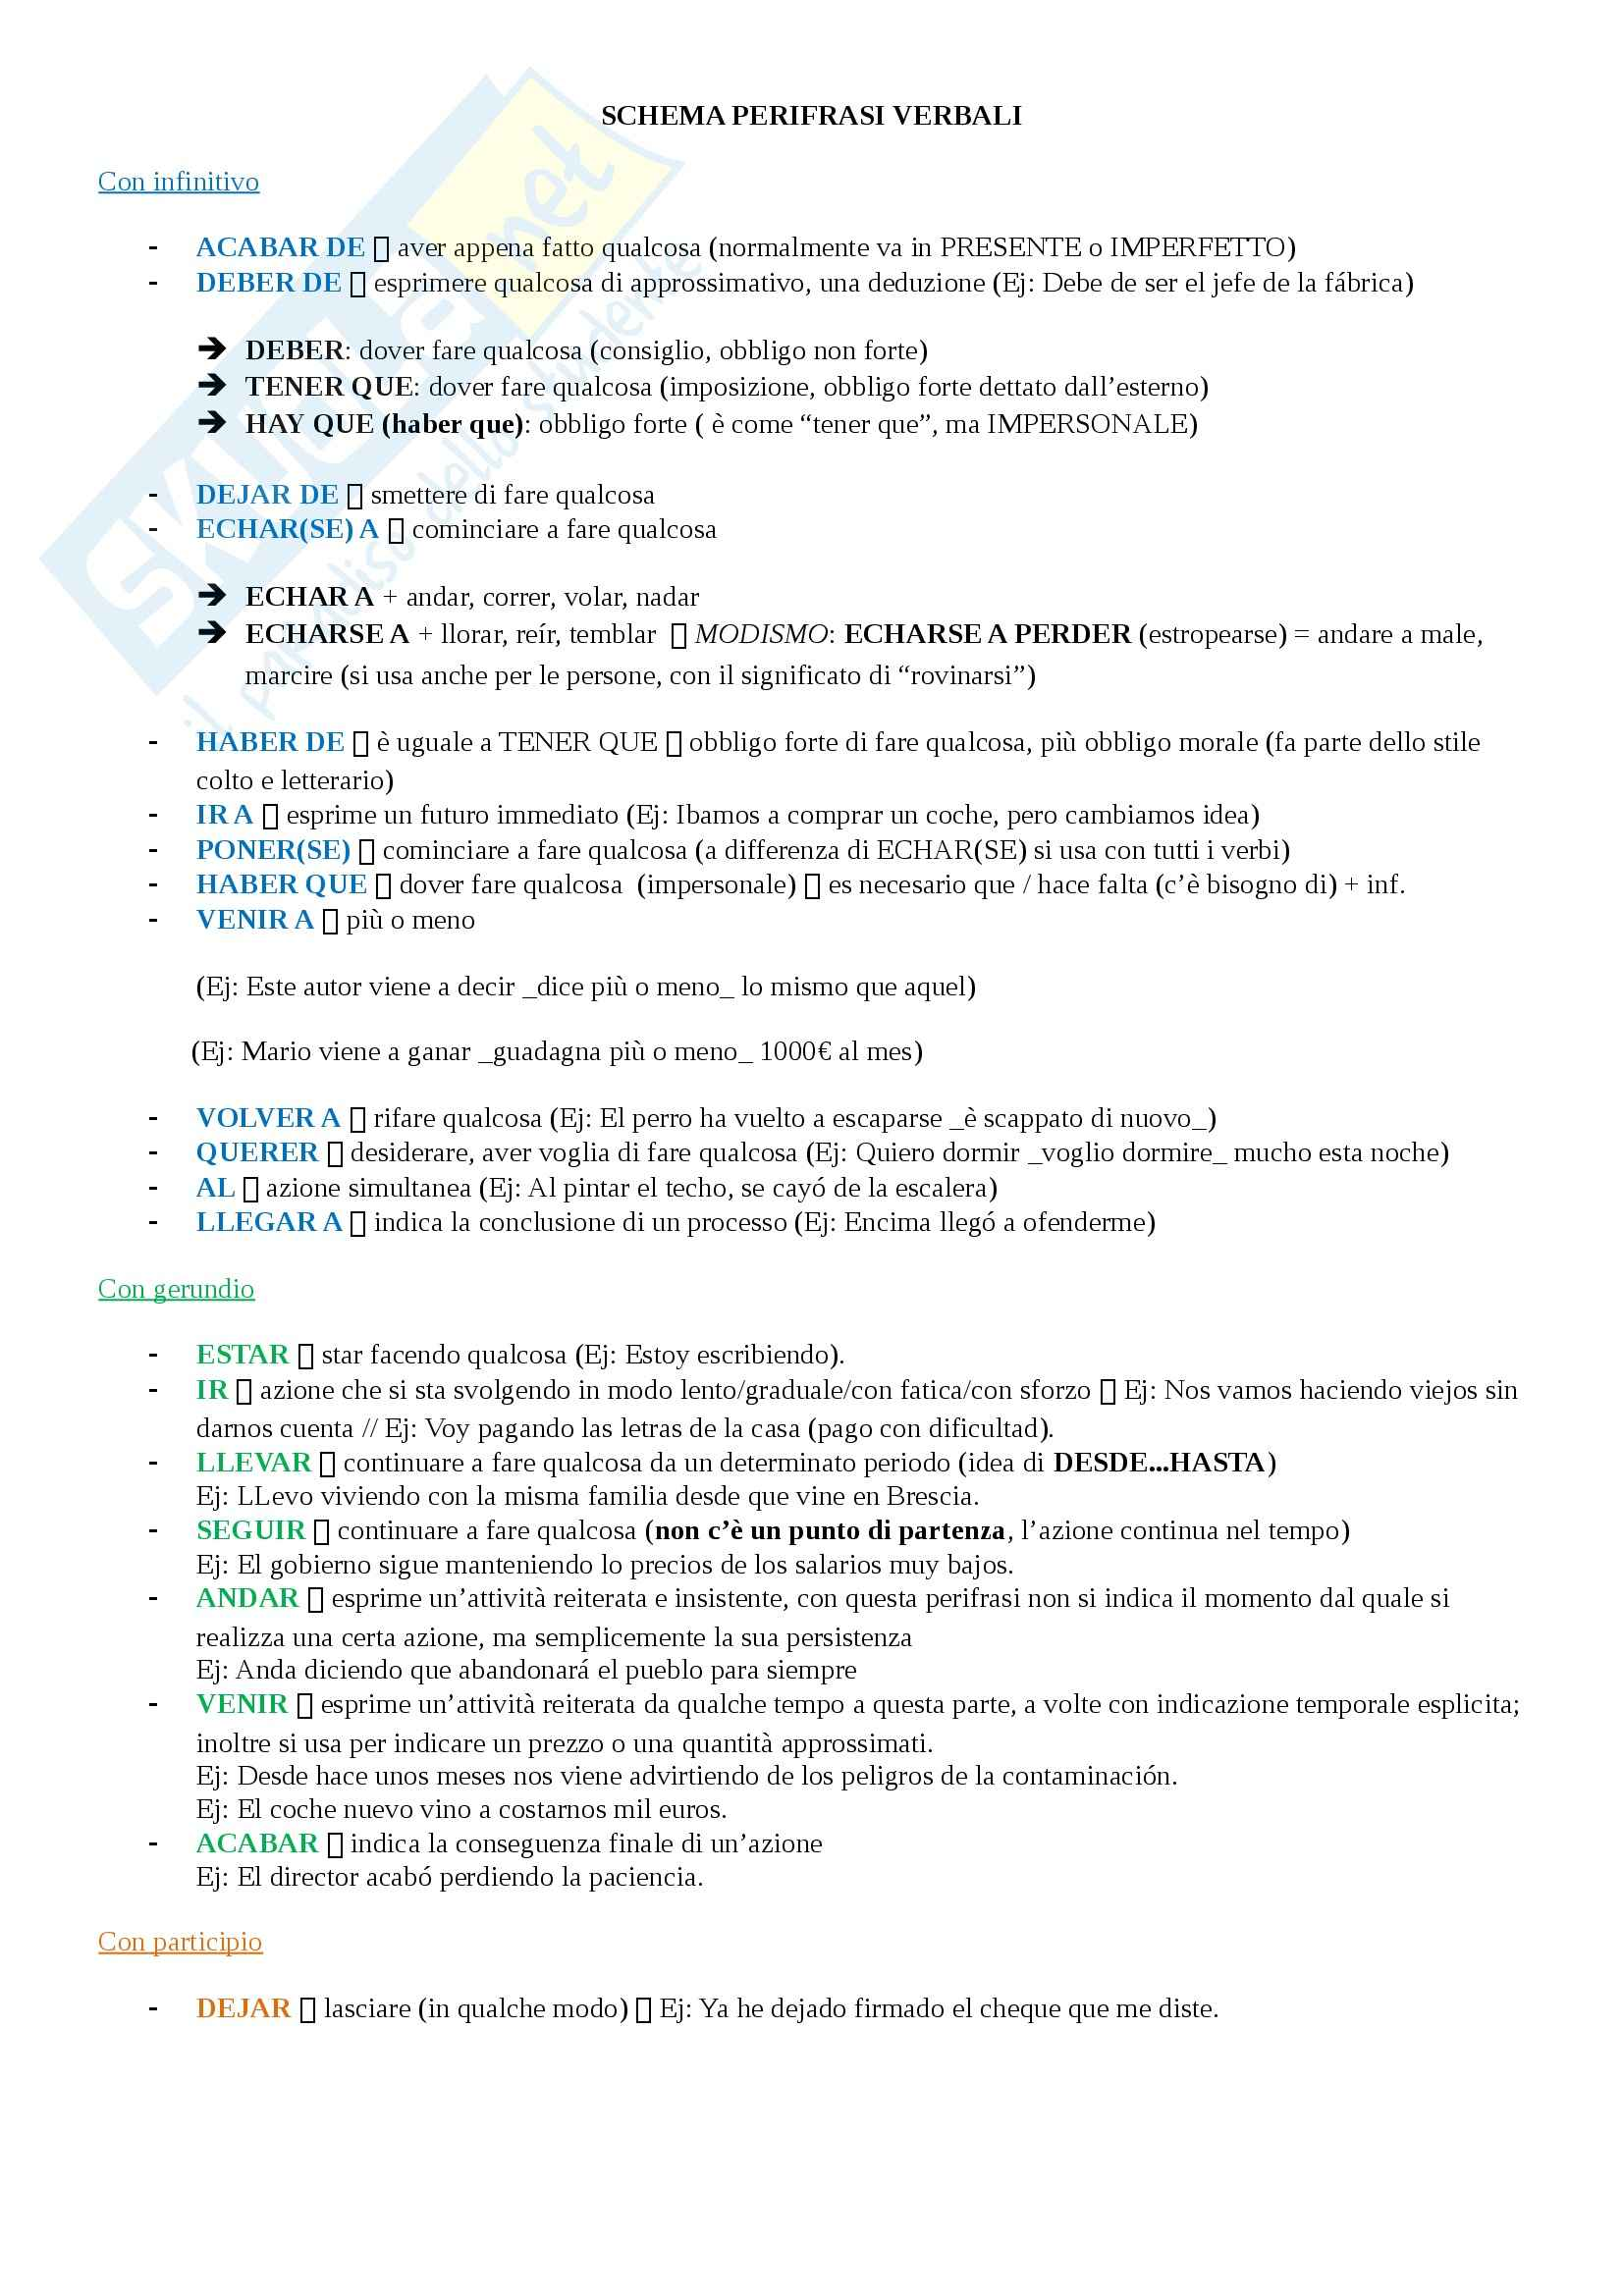 Lingua spagnola - schema sulla perifrasi verbale